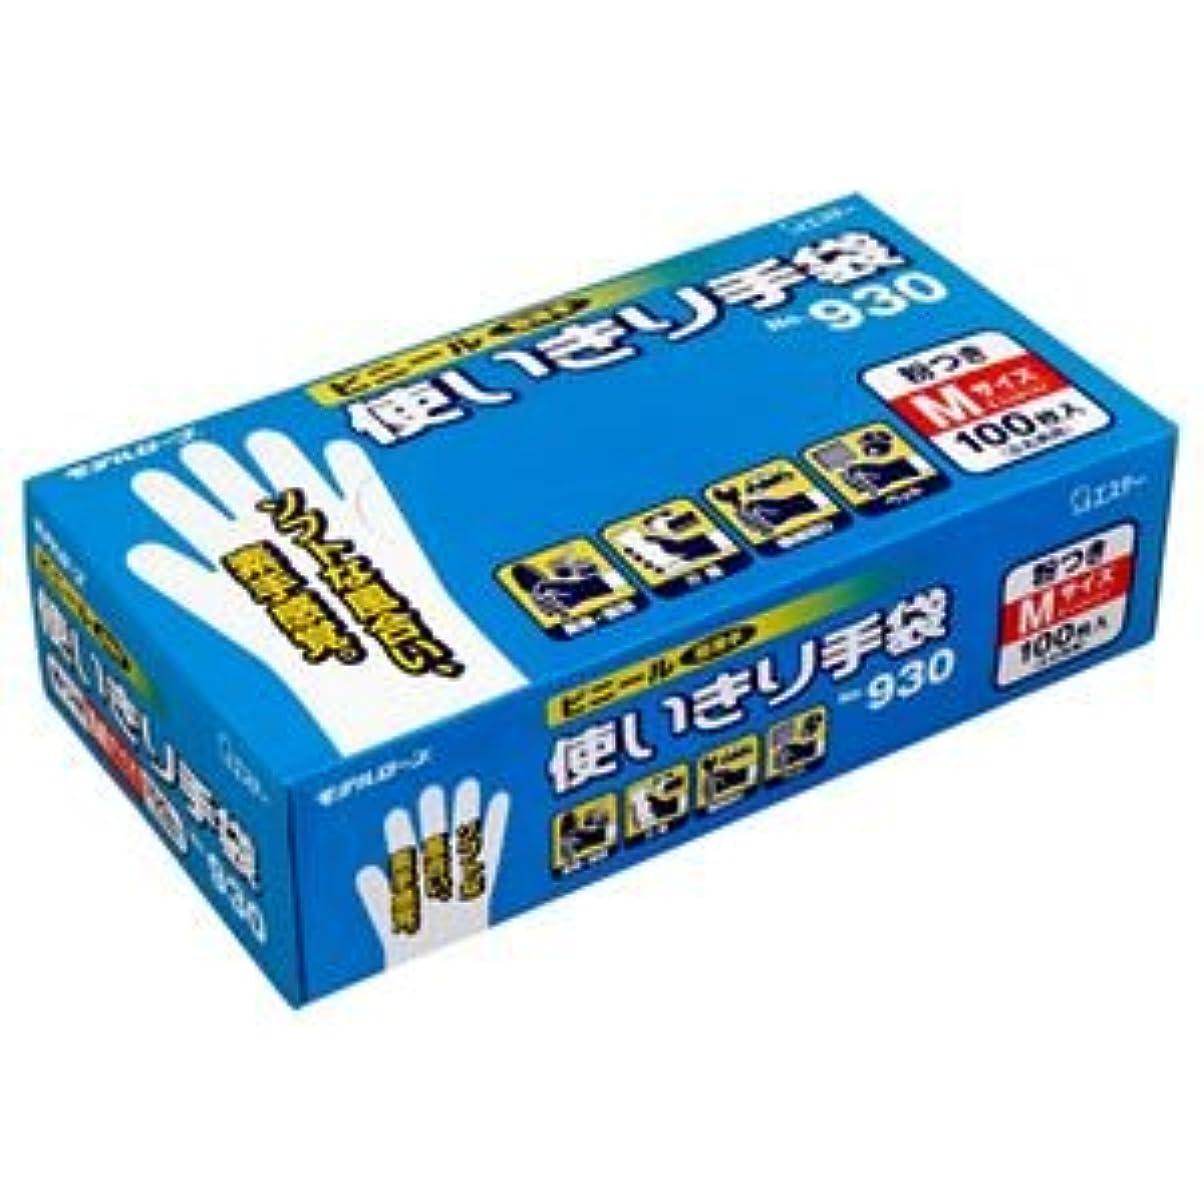 赤字スチュアート島安全(まとめ) エステー No.930 ビニール使いきり手袋(粉付) M 1箱(100枚) 【×5セット